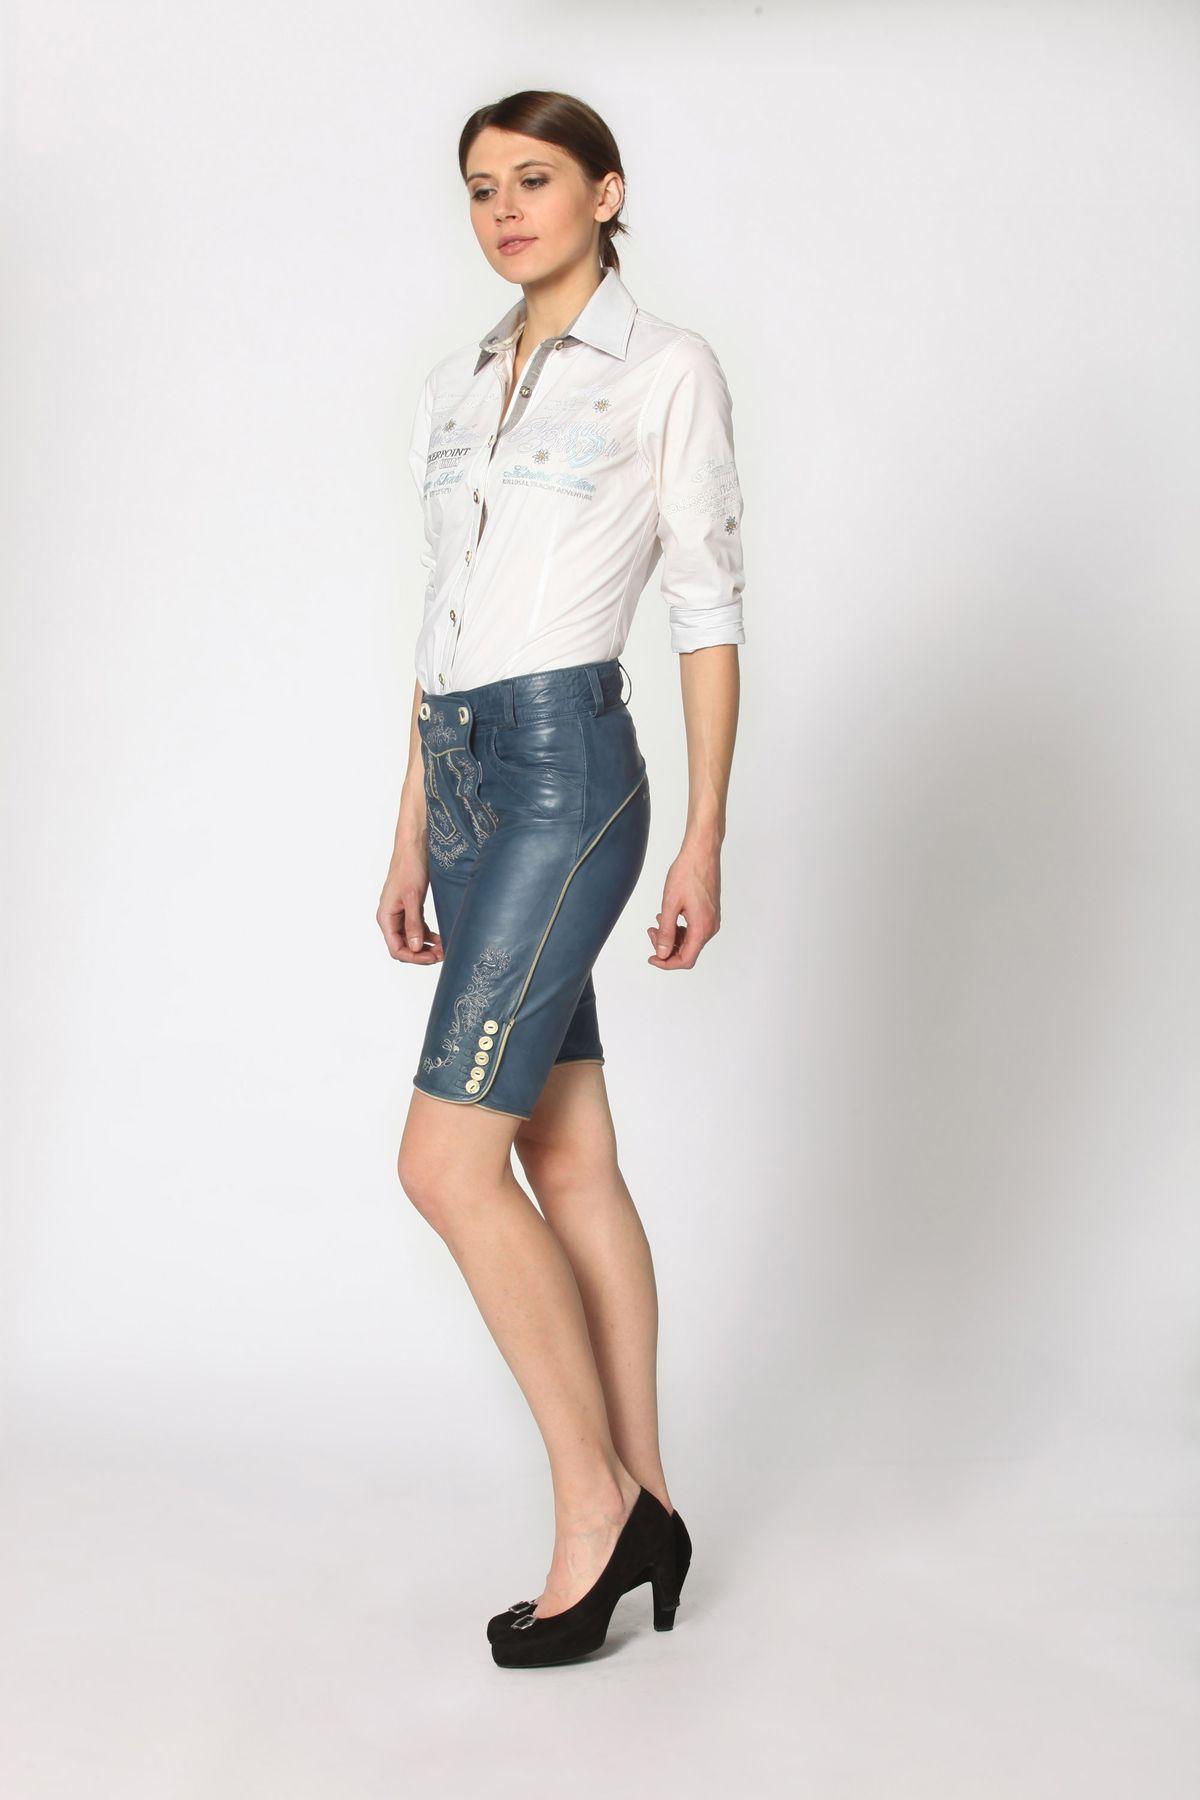 Stockerpoint - Damen Trachten Lederhose aus Ziegen Nappa Leder, Knielang,  Pam – Bild 13